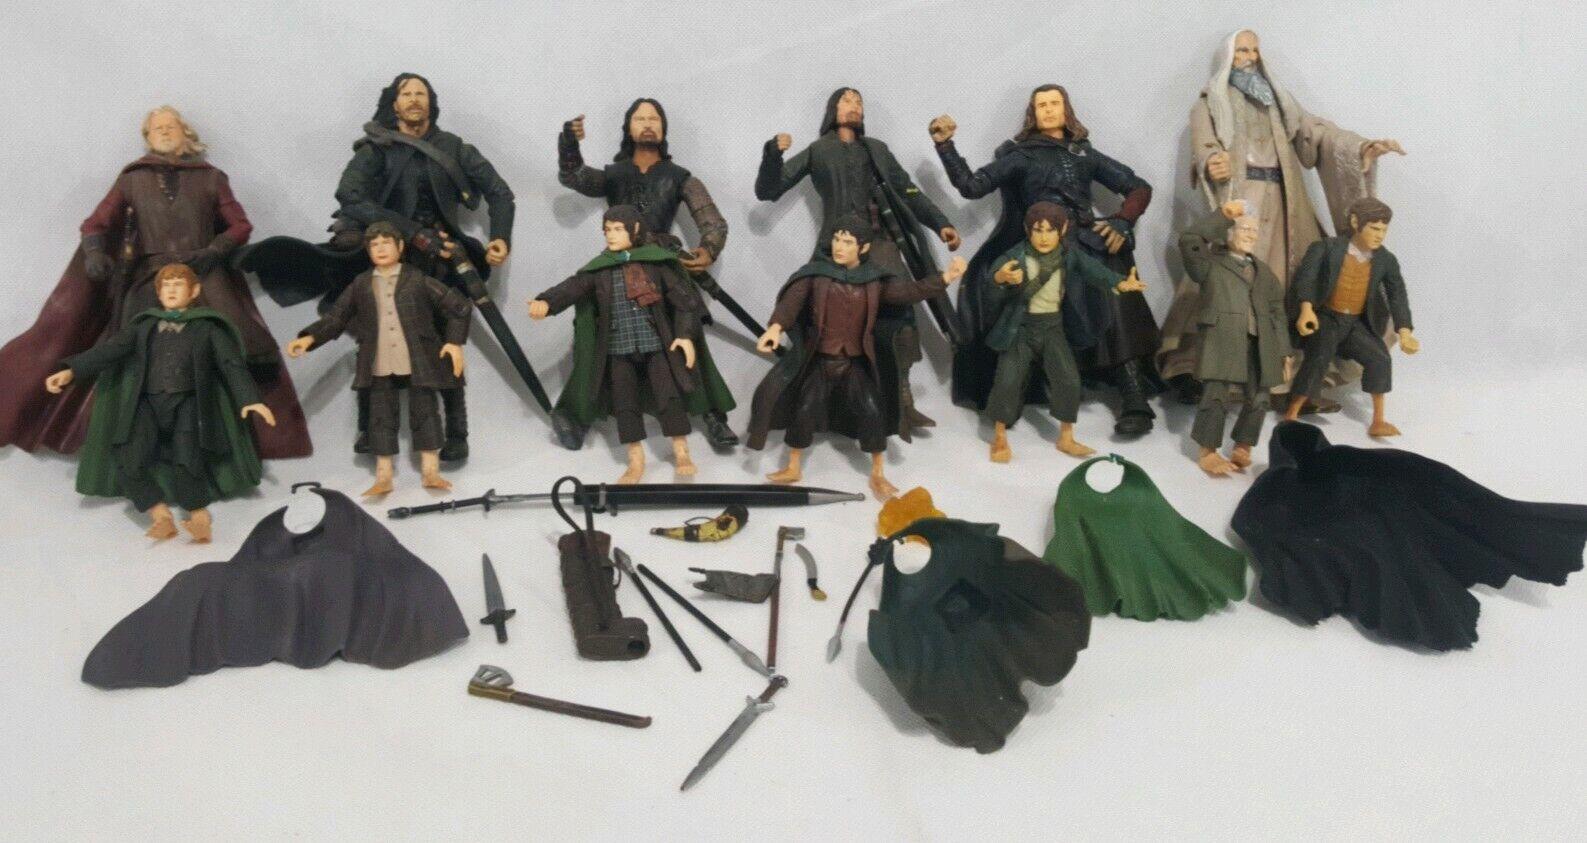 LORD OF THE RINGS  giocattolo BIZ LOT  ARAGORN STRIDER Hobbits Saurmon re Accessories  benvenuto a comprare